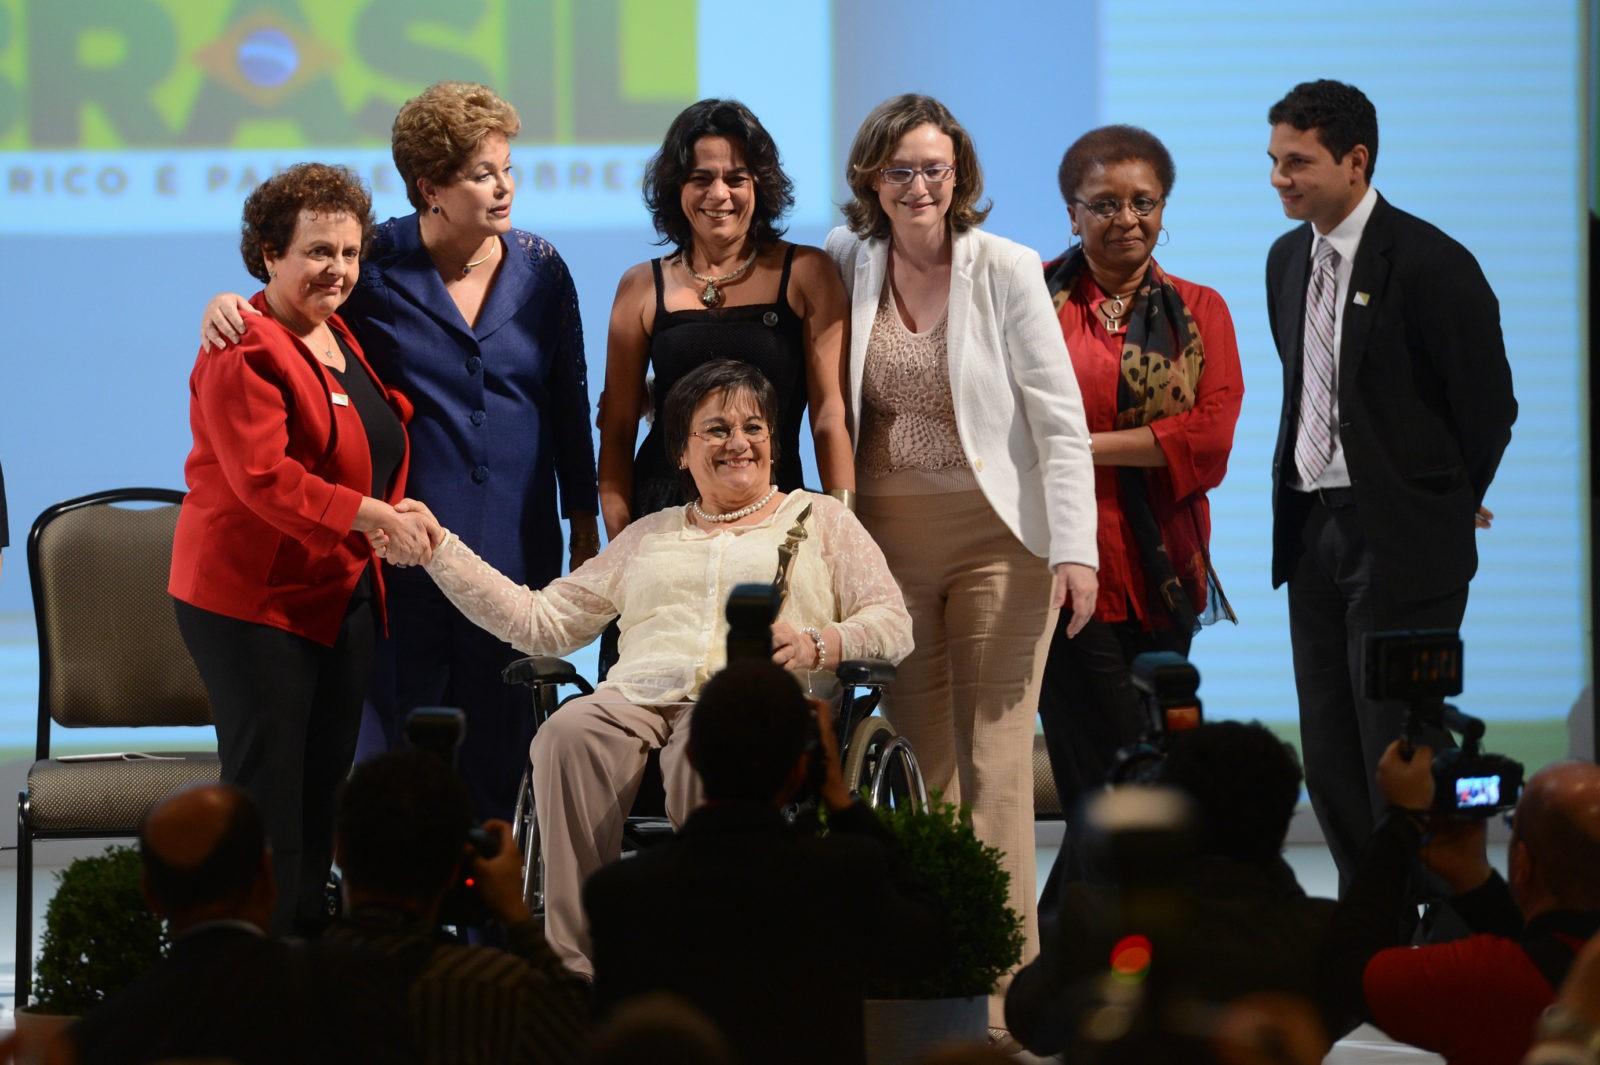 Brasília - A presidenta Dilma Rousseff participa da cerimônia de entrega do Prêmio Direitos Humanos 2013, durante o Fórum Mundial de Direitos Humanos.  Na foto, Maria de Penha Maia Fernandes, que inspirou a Lei Maria da Penha que combate a violência doméstica, recebe o prêmio na categoria Igualdade de Gênero